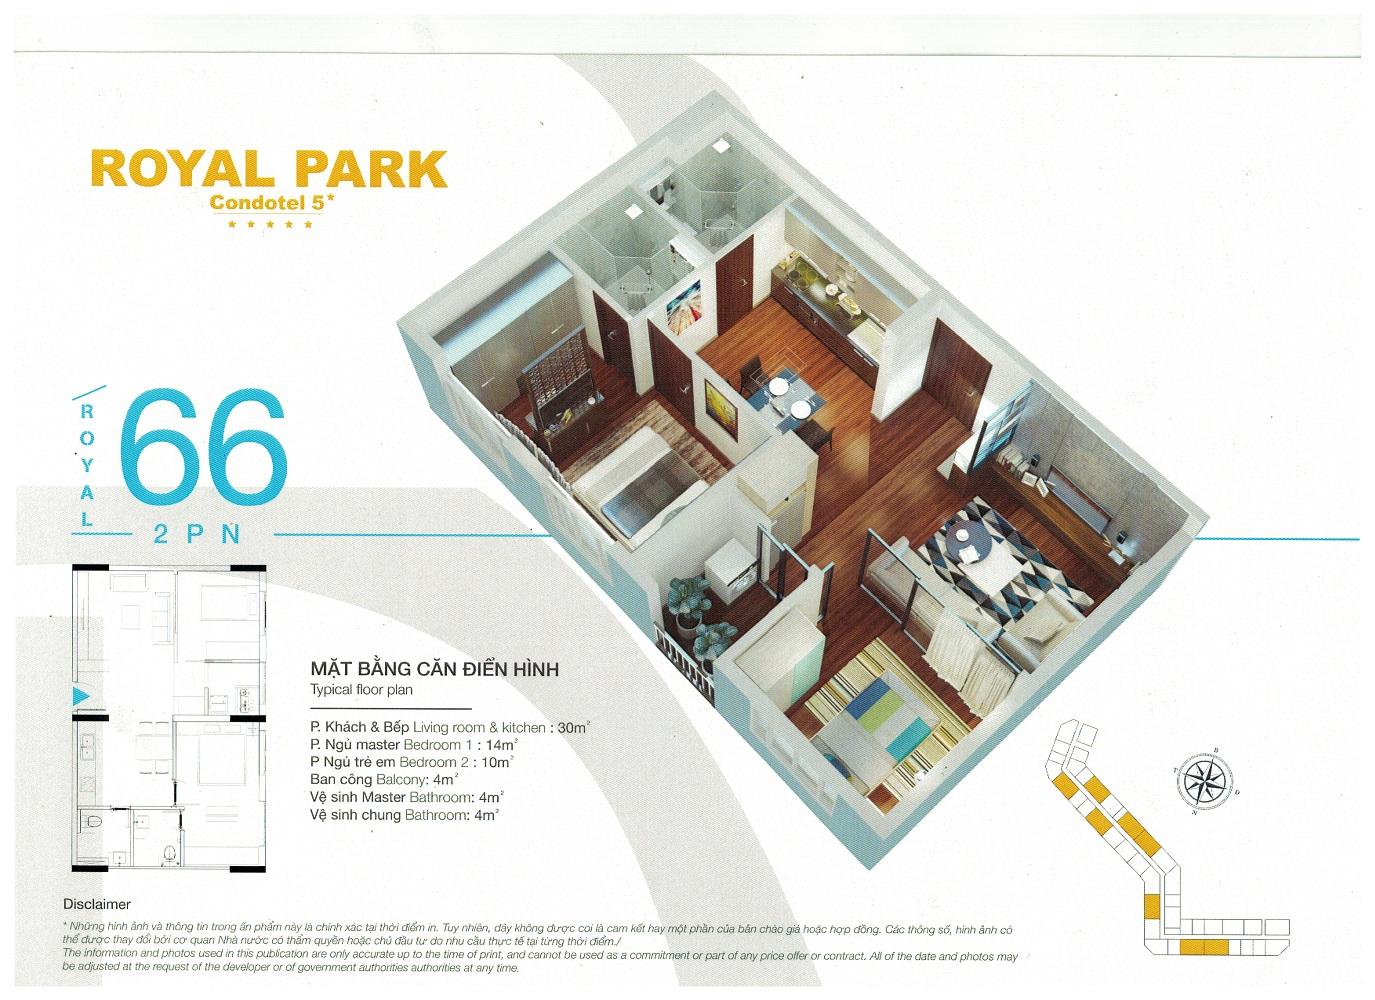 Thiết kế mặt bằng căn hộ khách sạn nghỉ dưỡng Royal Park Bắc Ninh 66m2